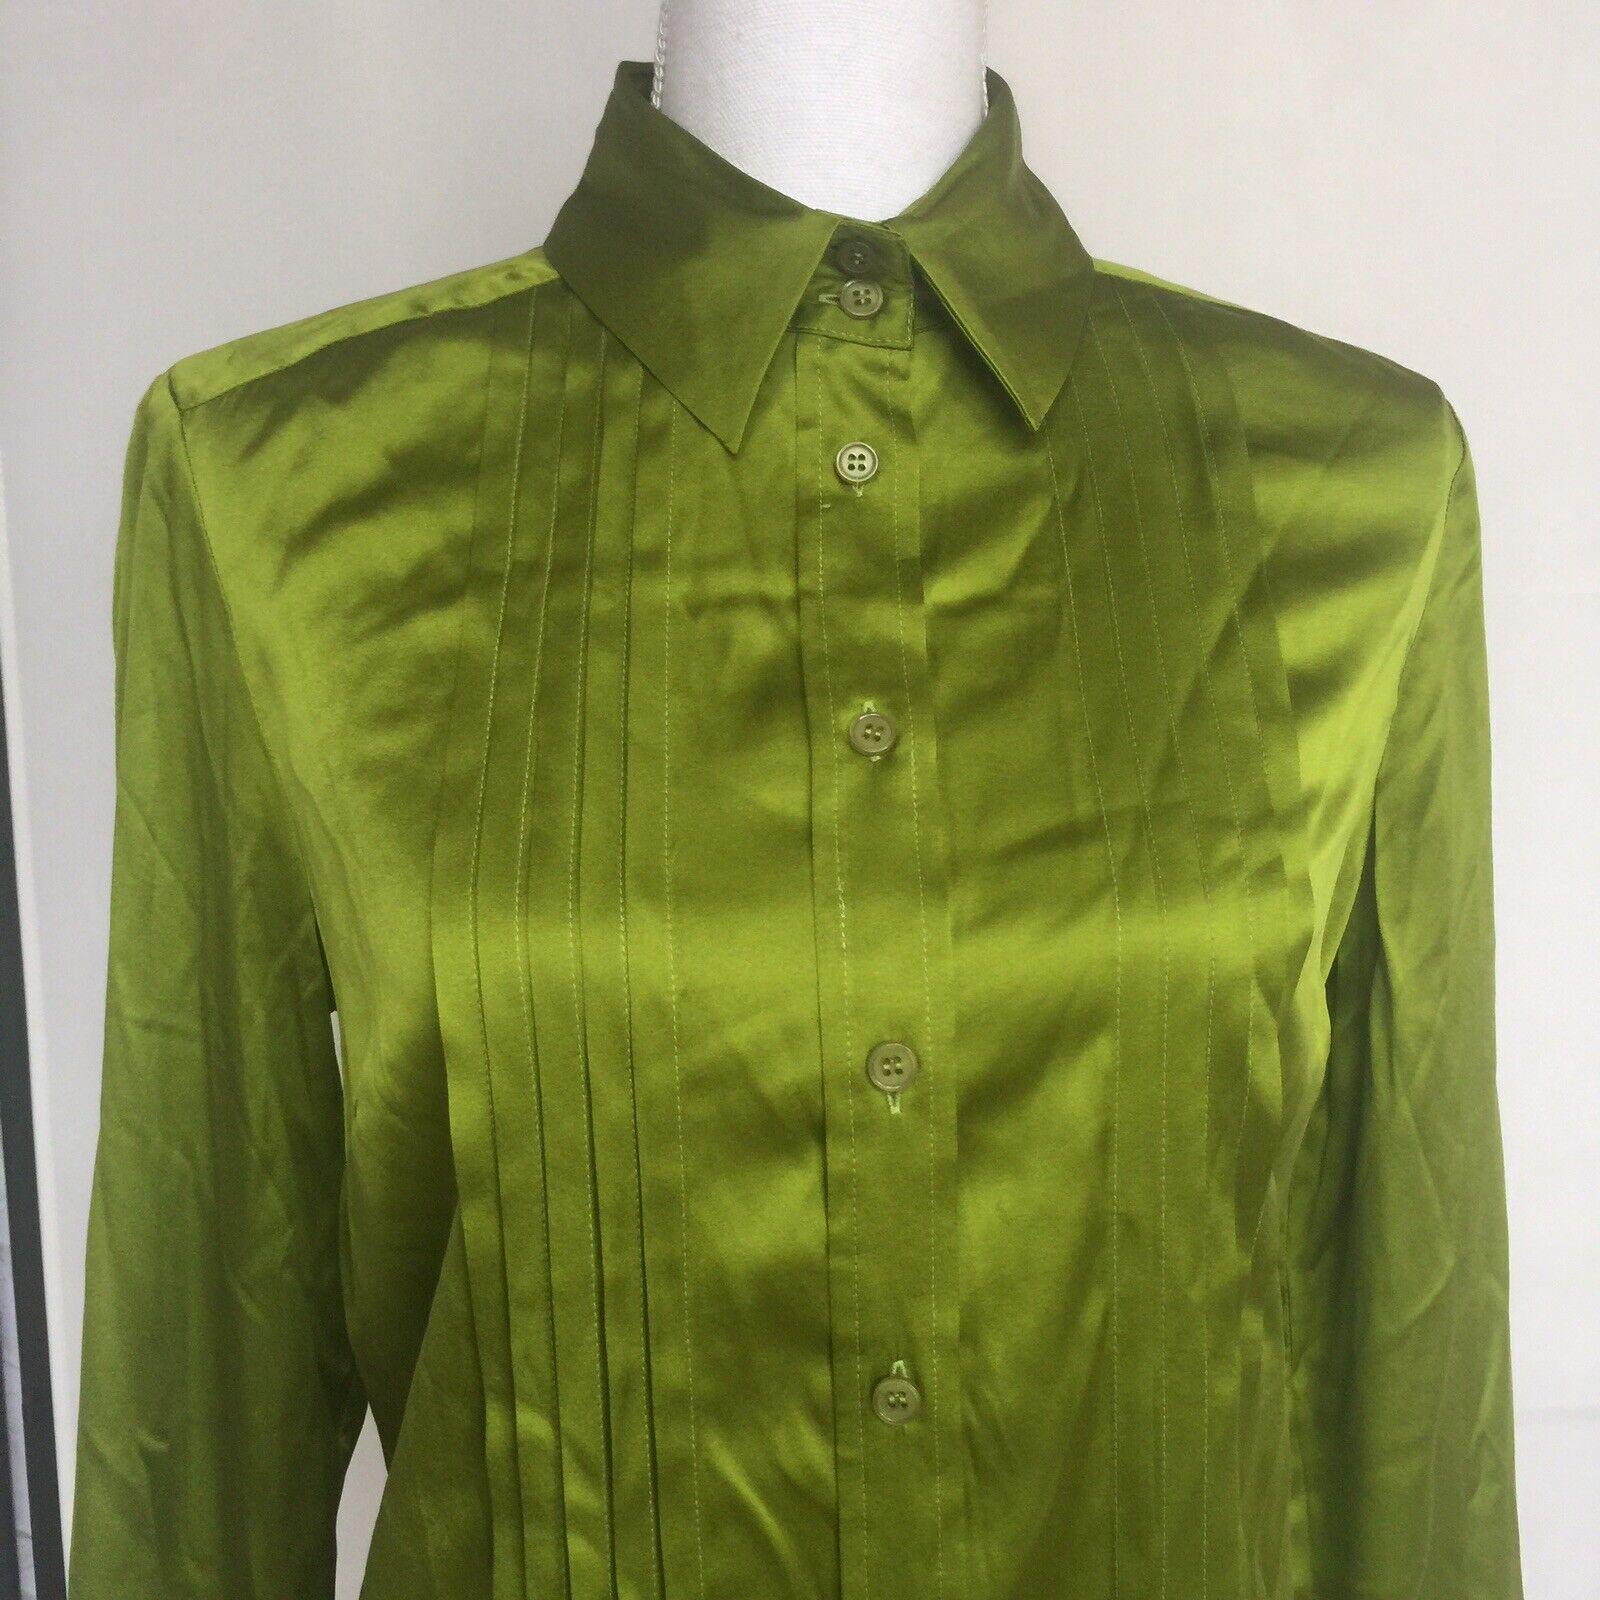 Sutton Studio Womens Size 10 Long Tuxedo Shirt 94% Silk Shiny Green C6 New